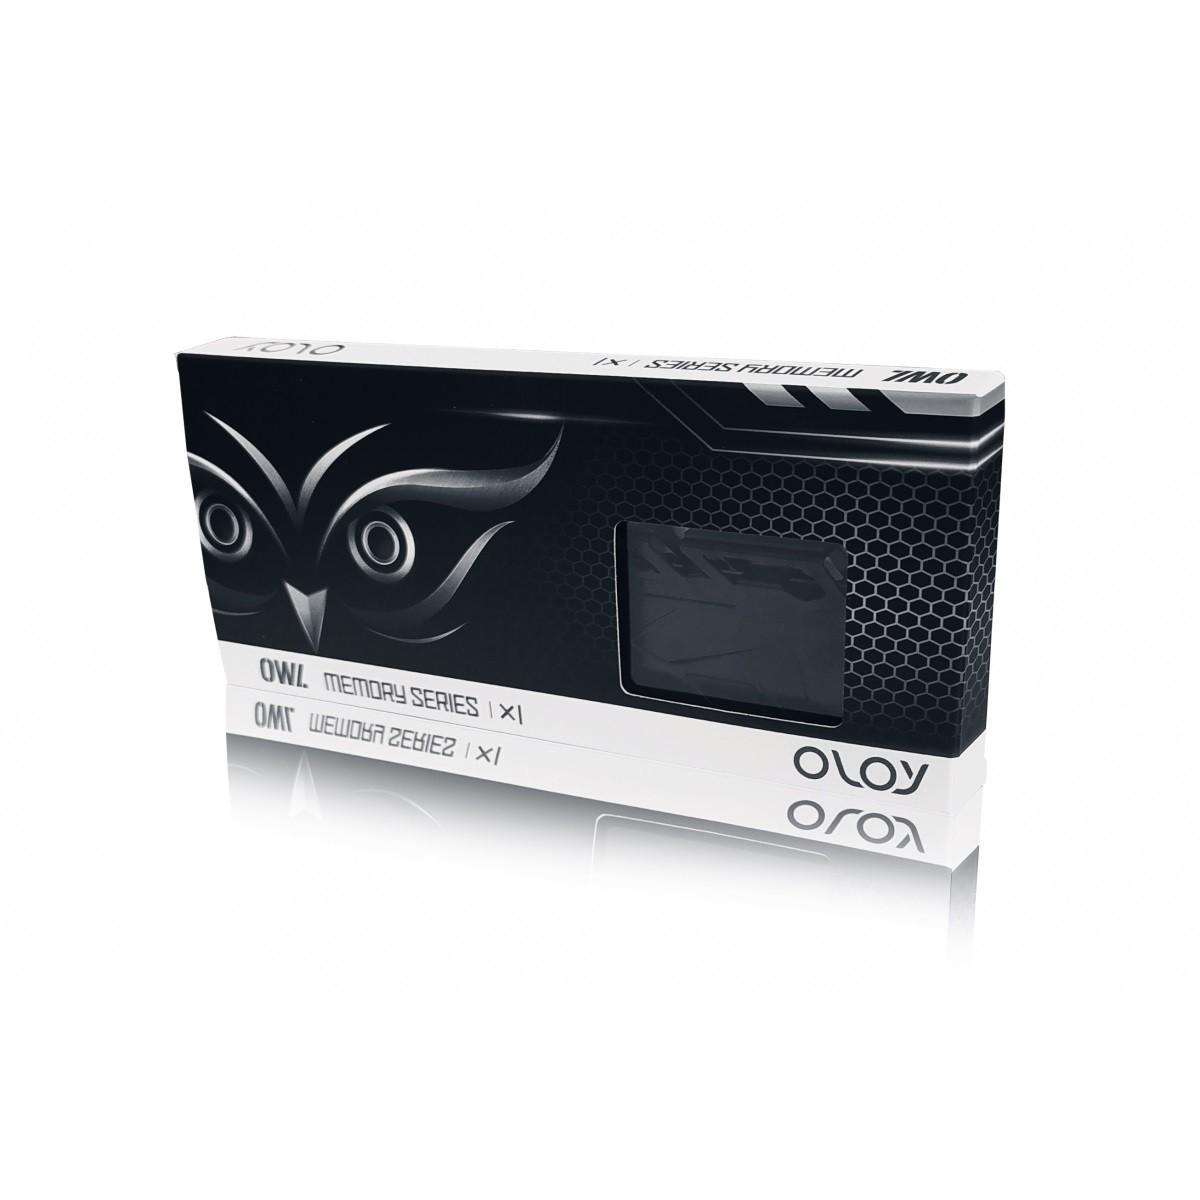 Memória DDR4 OLOy Owl Black, 8GB, 2666MHZ, MD4U0826190BHKSA - IMP